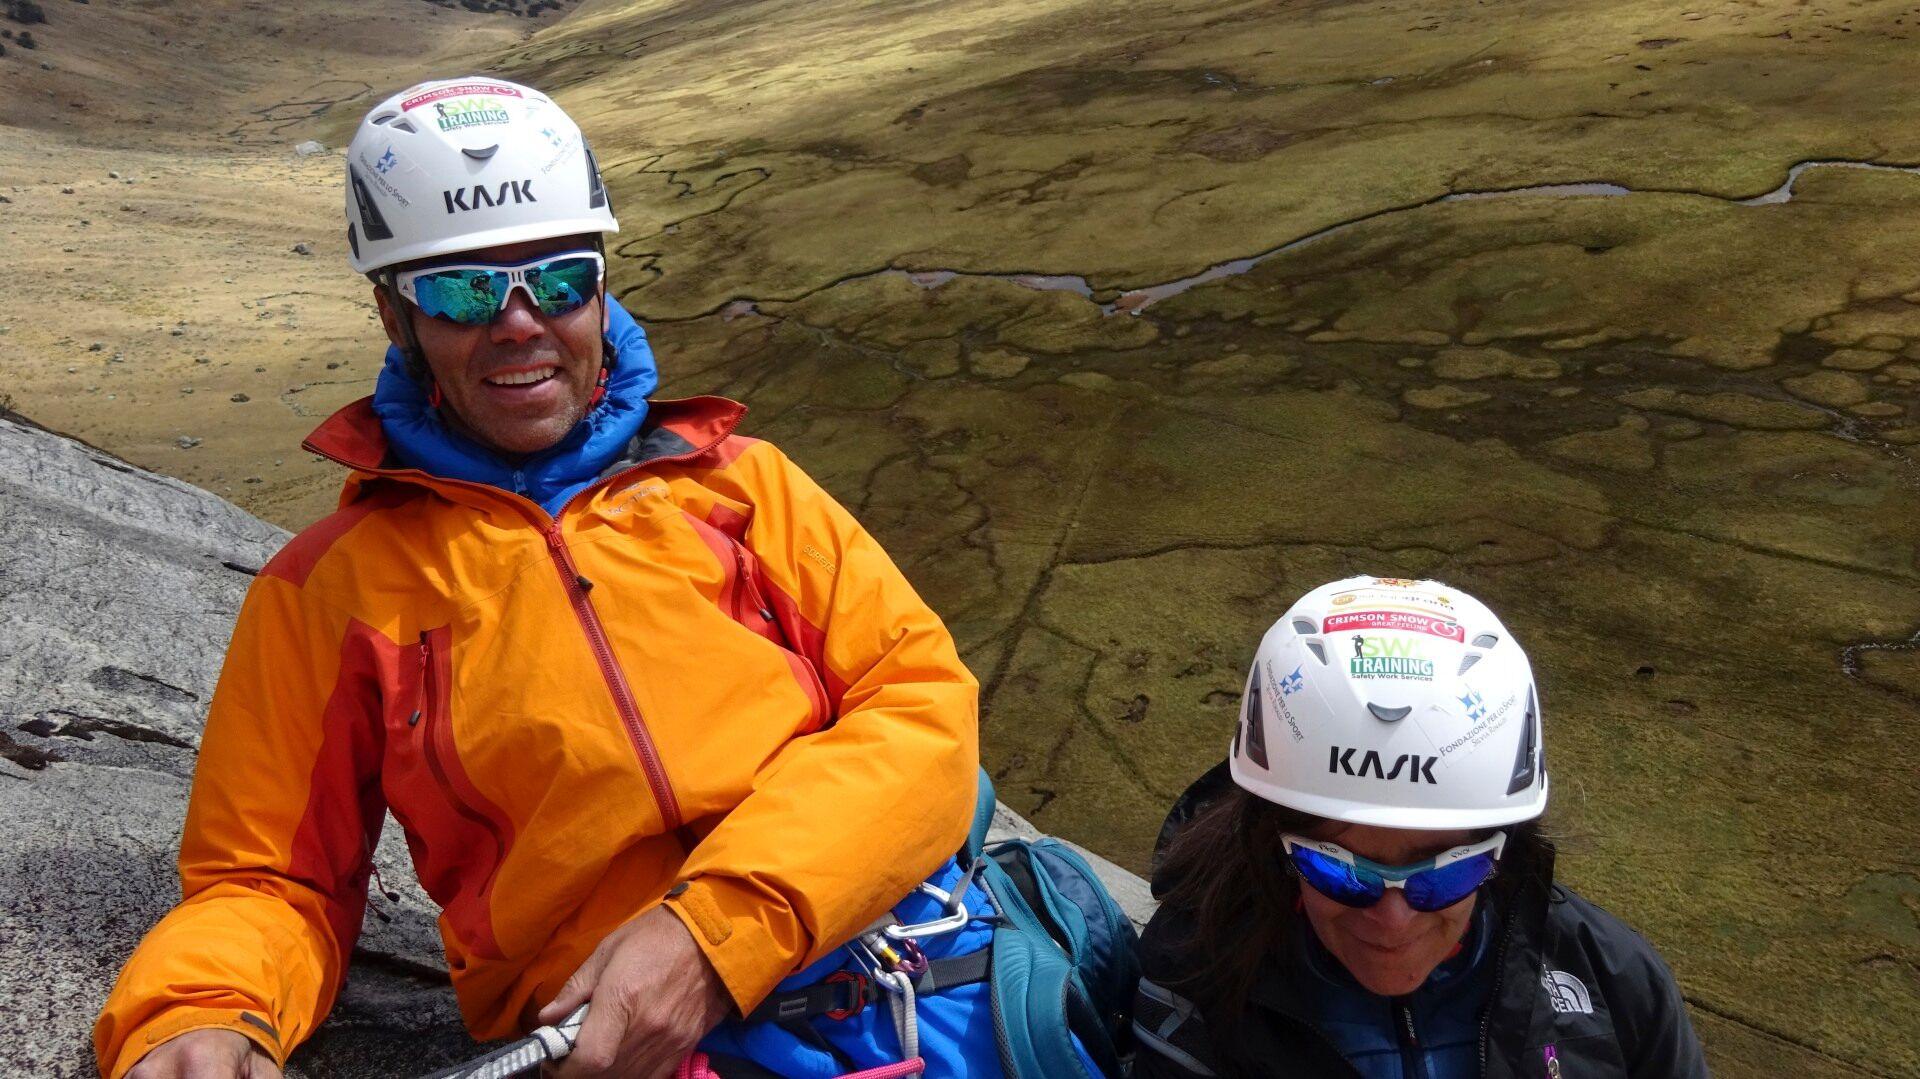 Photo of Cordillera Blanca, Silvia Rinaldi e Kevin Ferrari, atleti disabili, alle prese con l'apertura di nuove vie